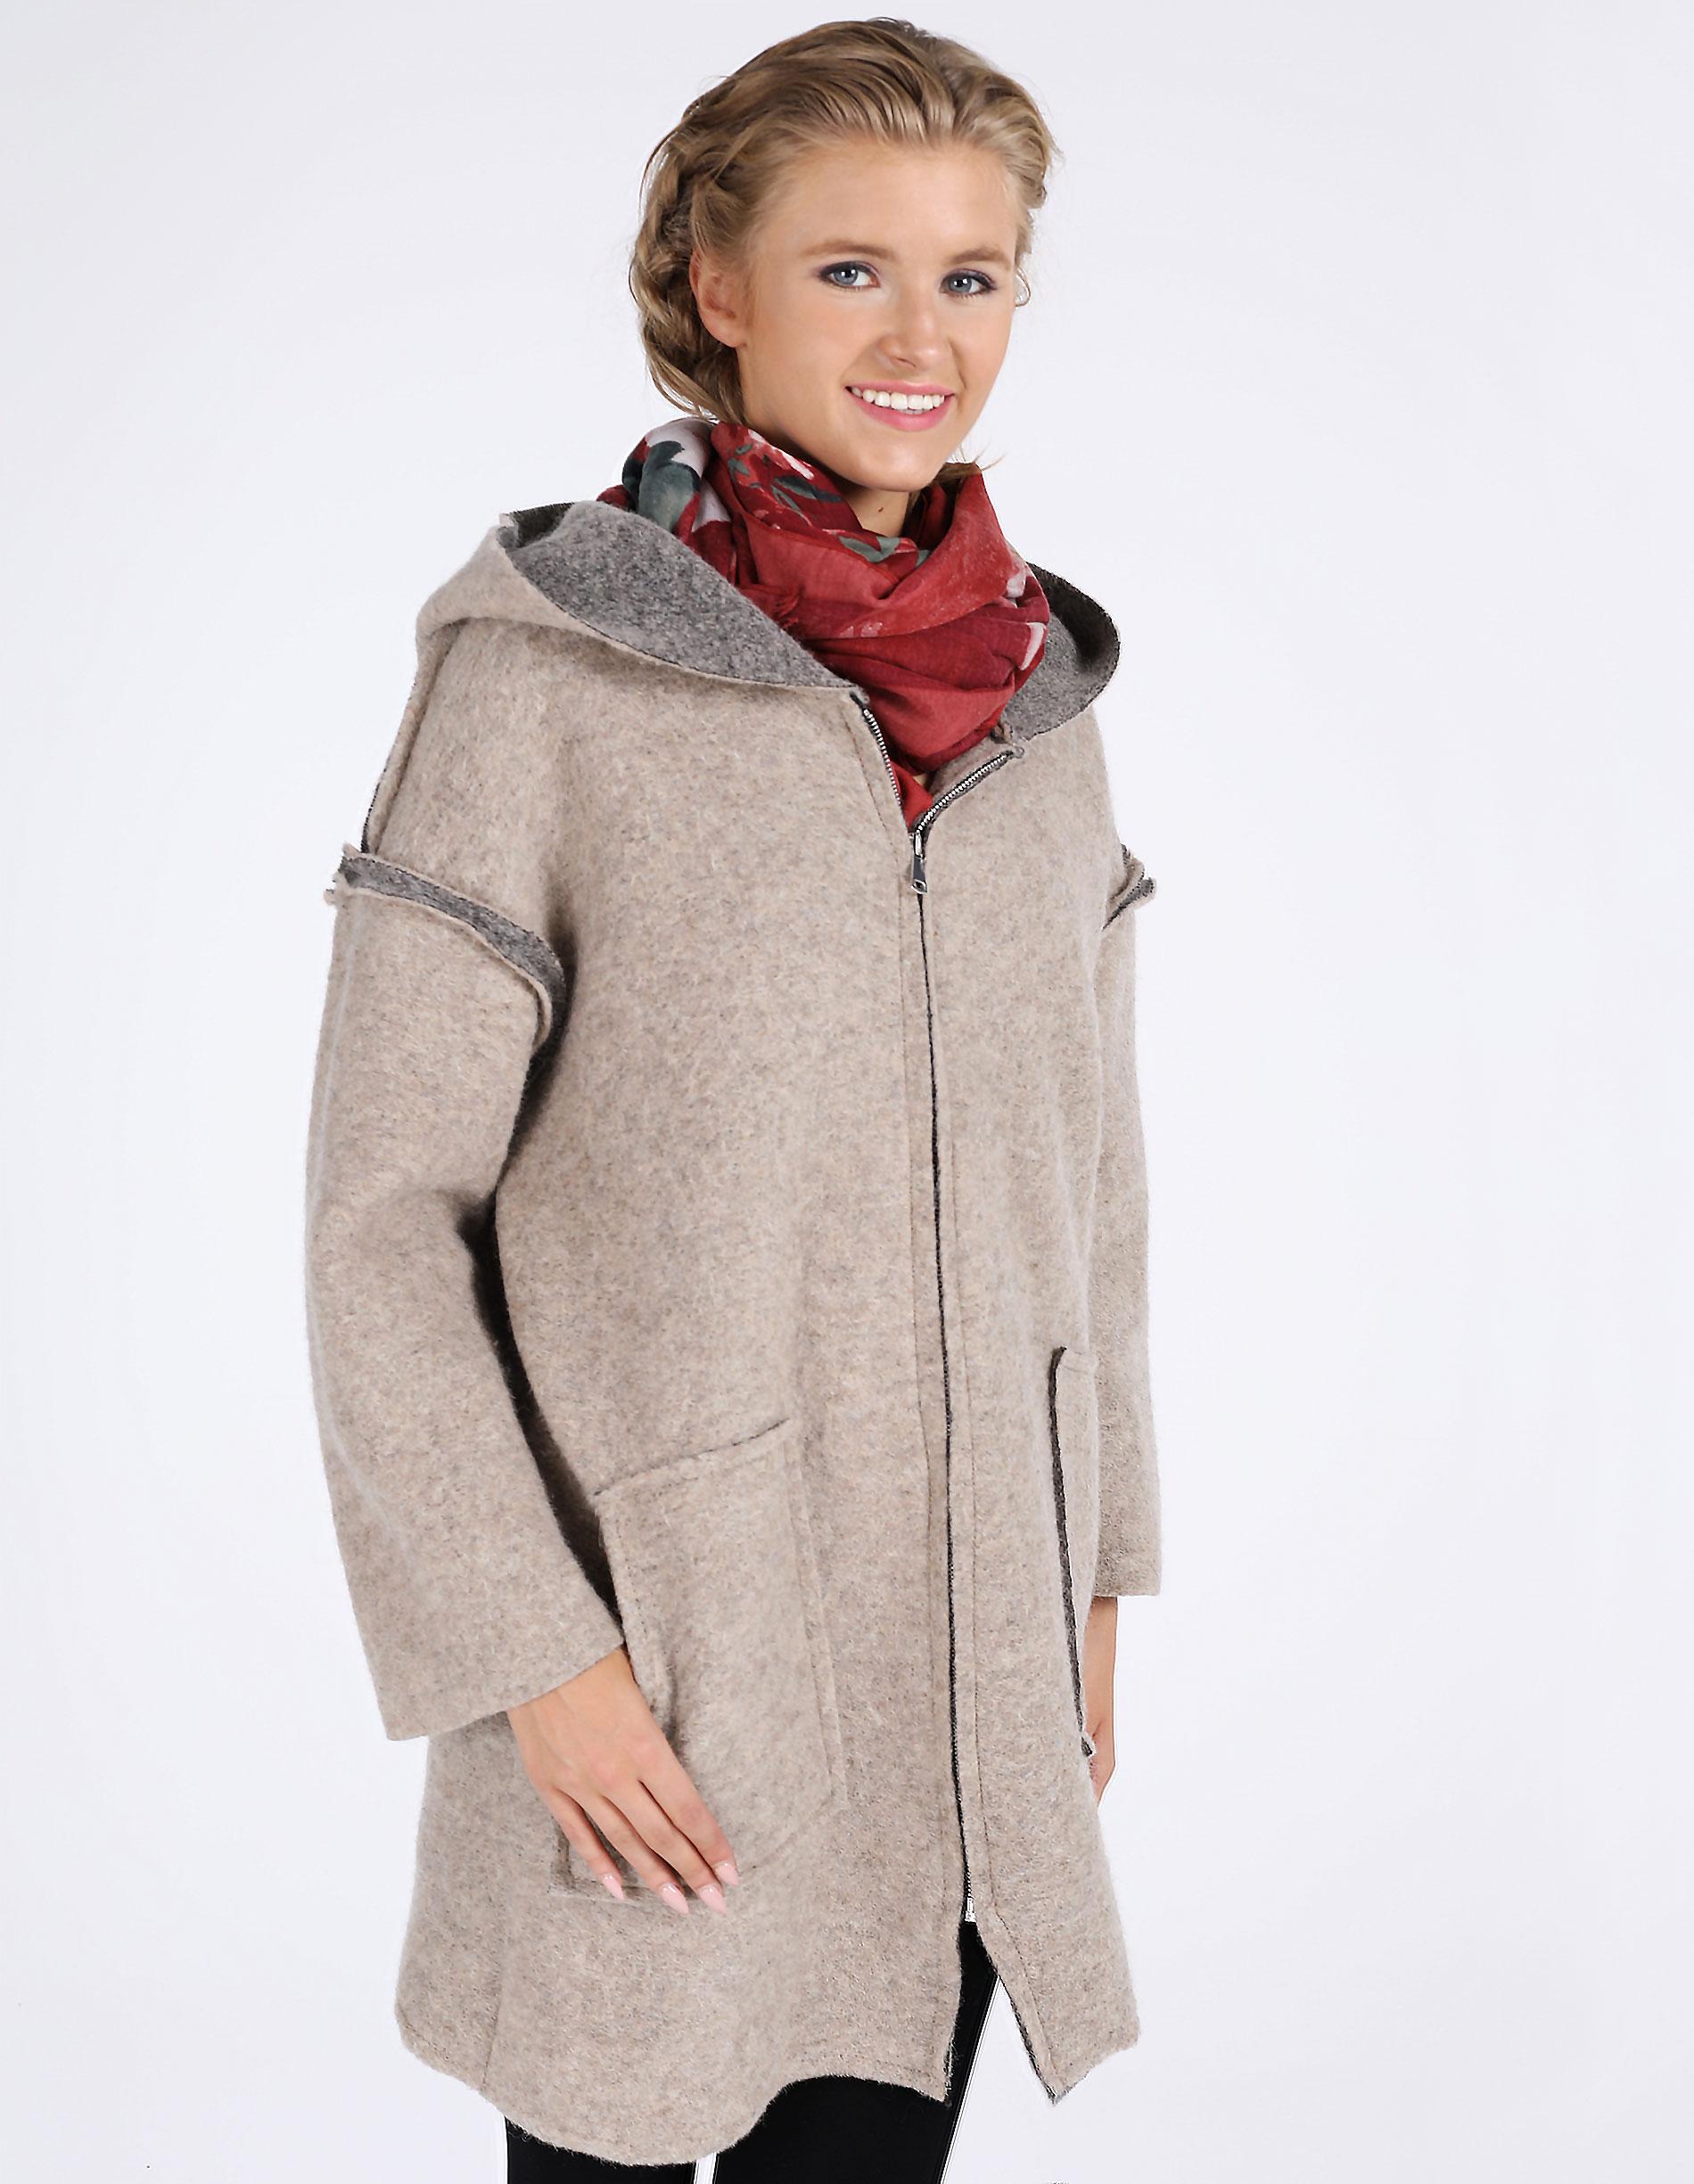 Płaszcz materiałowy - 18-1903 BEIGE - Unisono